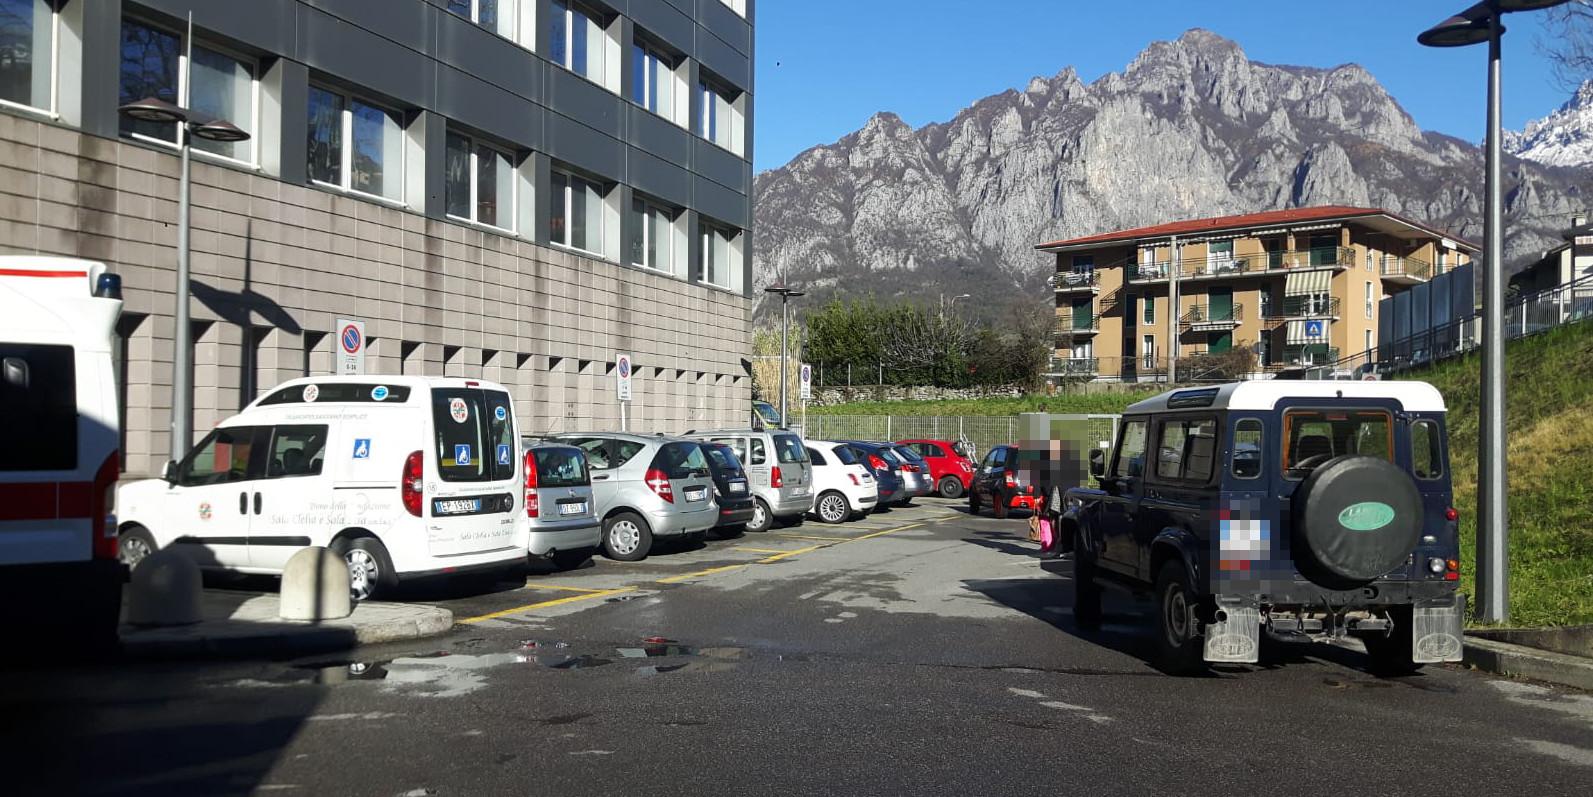 Parcheggio selvaggio al PS, l'Ospedale: